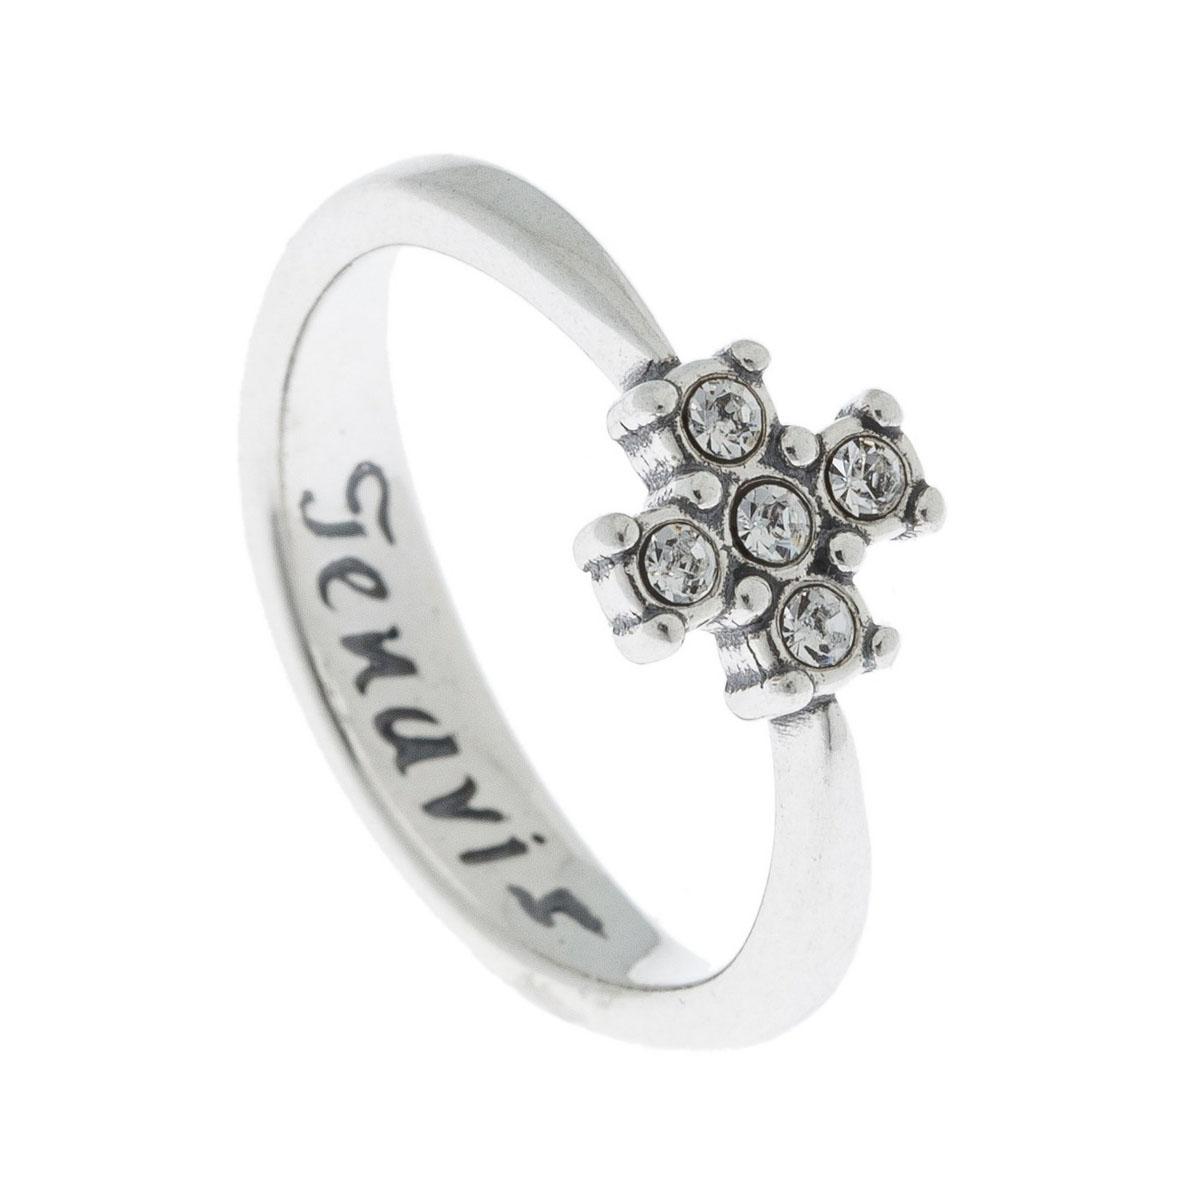 Кольцо Jenavi Эза, цвет: серебро, белый. k5023000. Размер 17k5023000Коллекция Э, Эза (Кольцо) гипоаллергенный ювелирный сплав,Черненое серебро, вставка Кристаллы Swarovski